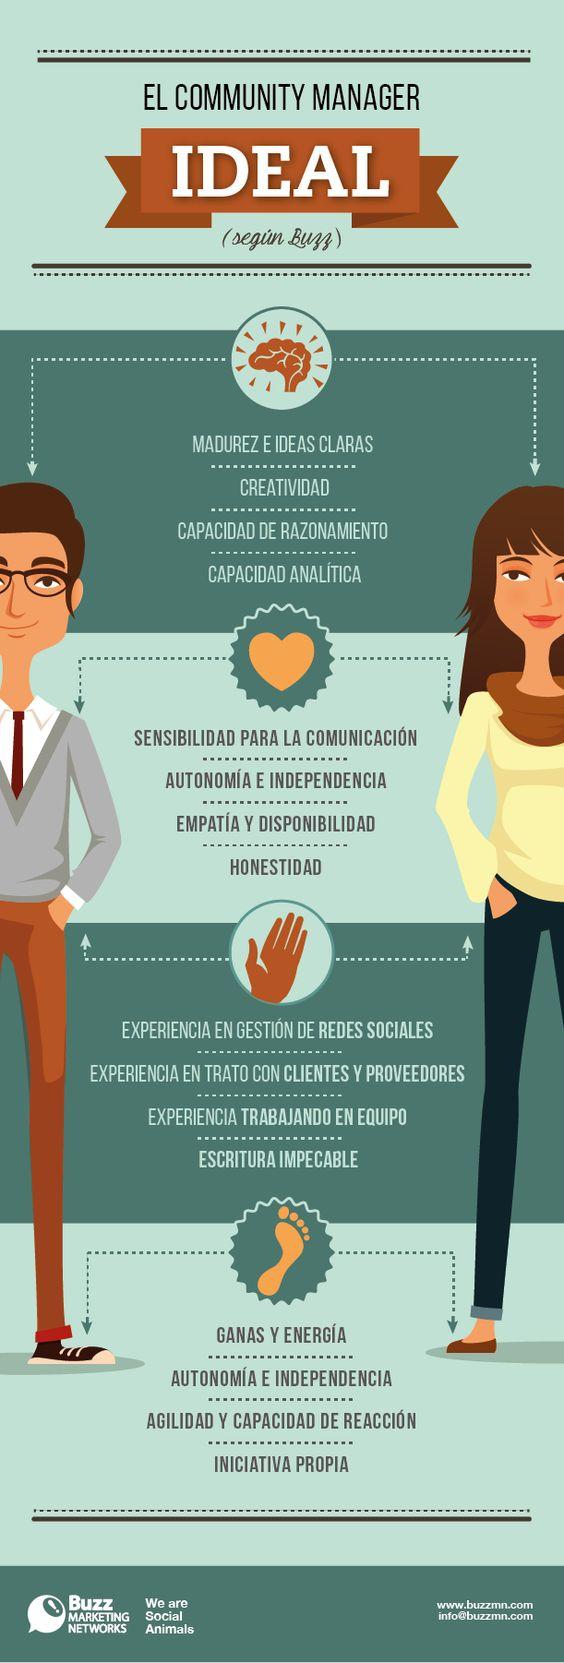 El Rincón del Búho  2.0: [#INFOGRAFÍA]  ¿CÓMO ES EL COMMUNITY MANAGER IDEAL...: